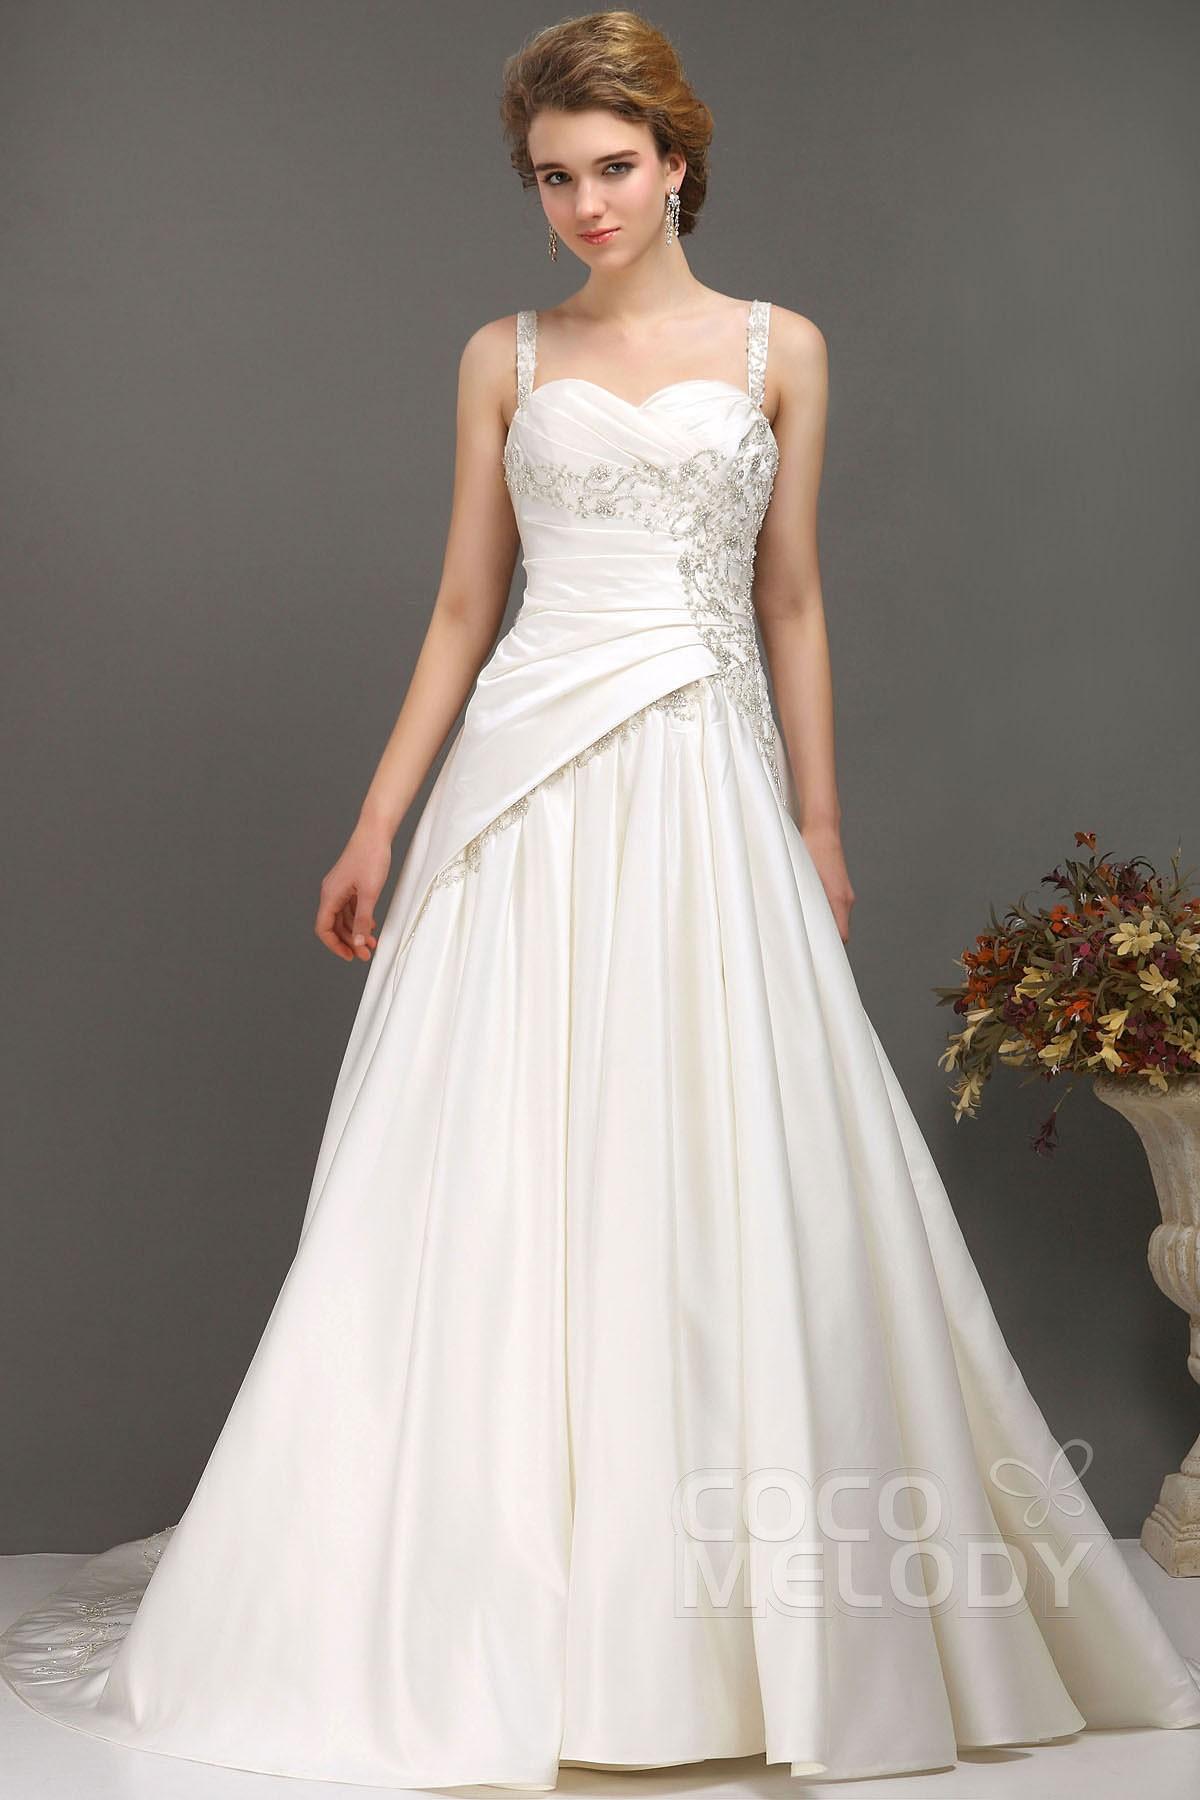 Hot Sale A-Line Straps Chapel Train Satin Lace Up-Corset Wedding Dress CWLT1300C